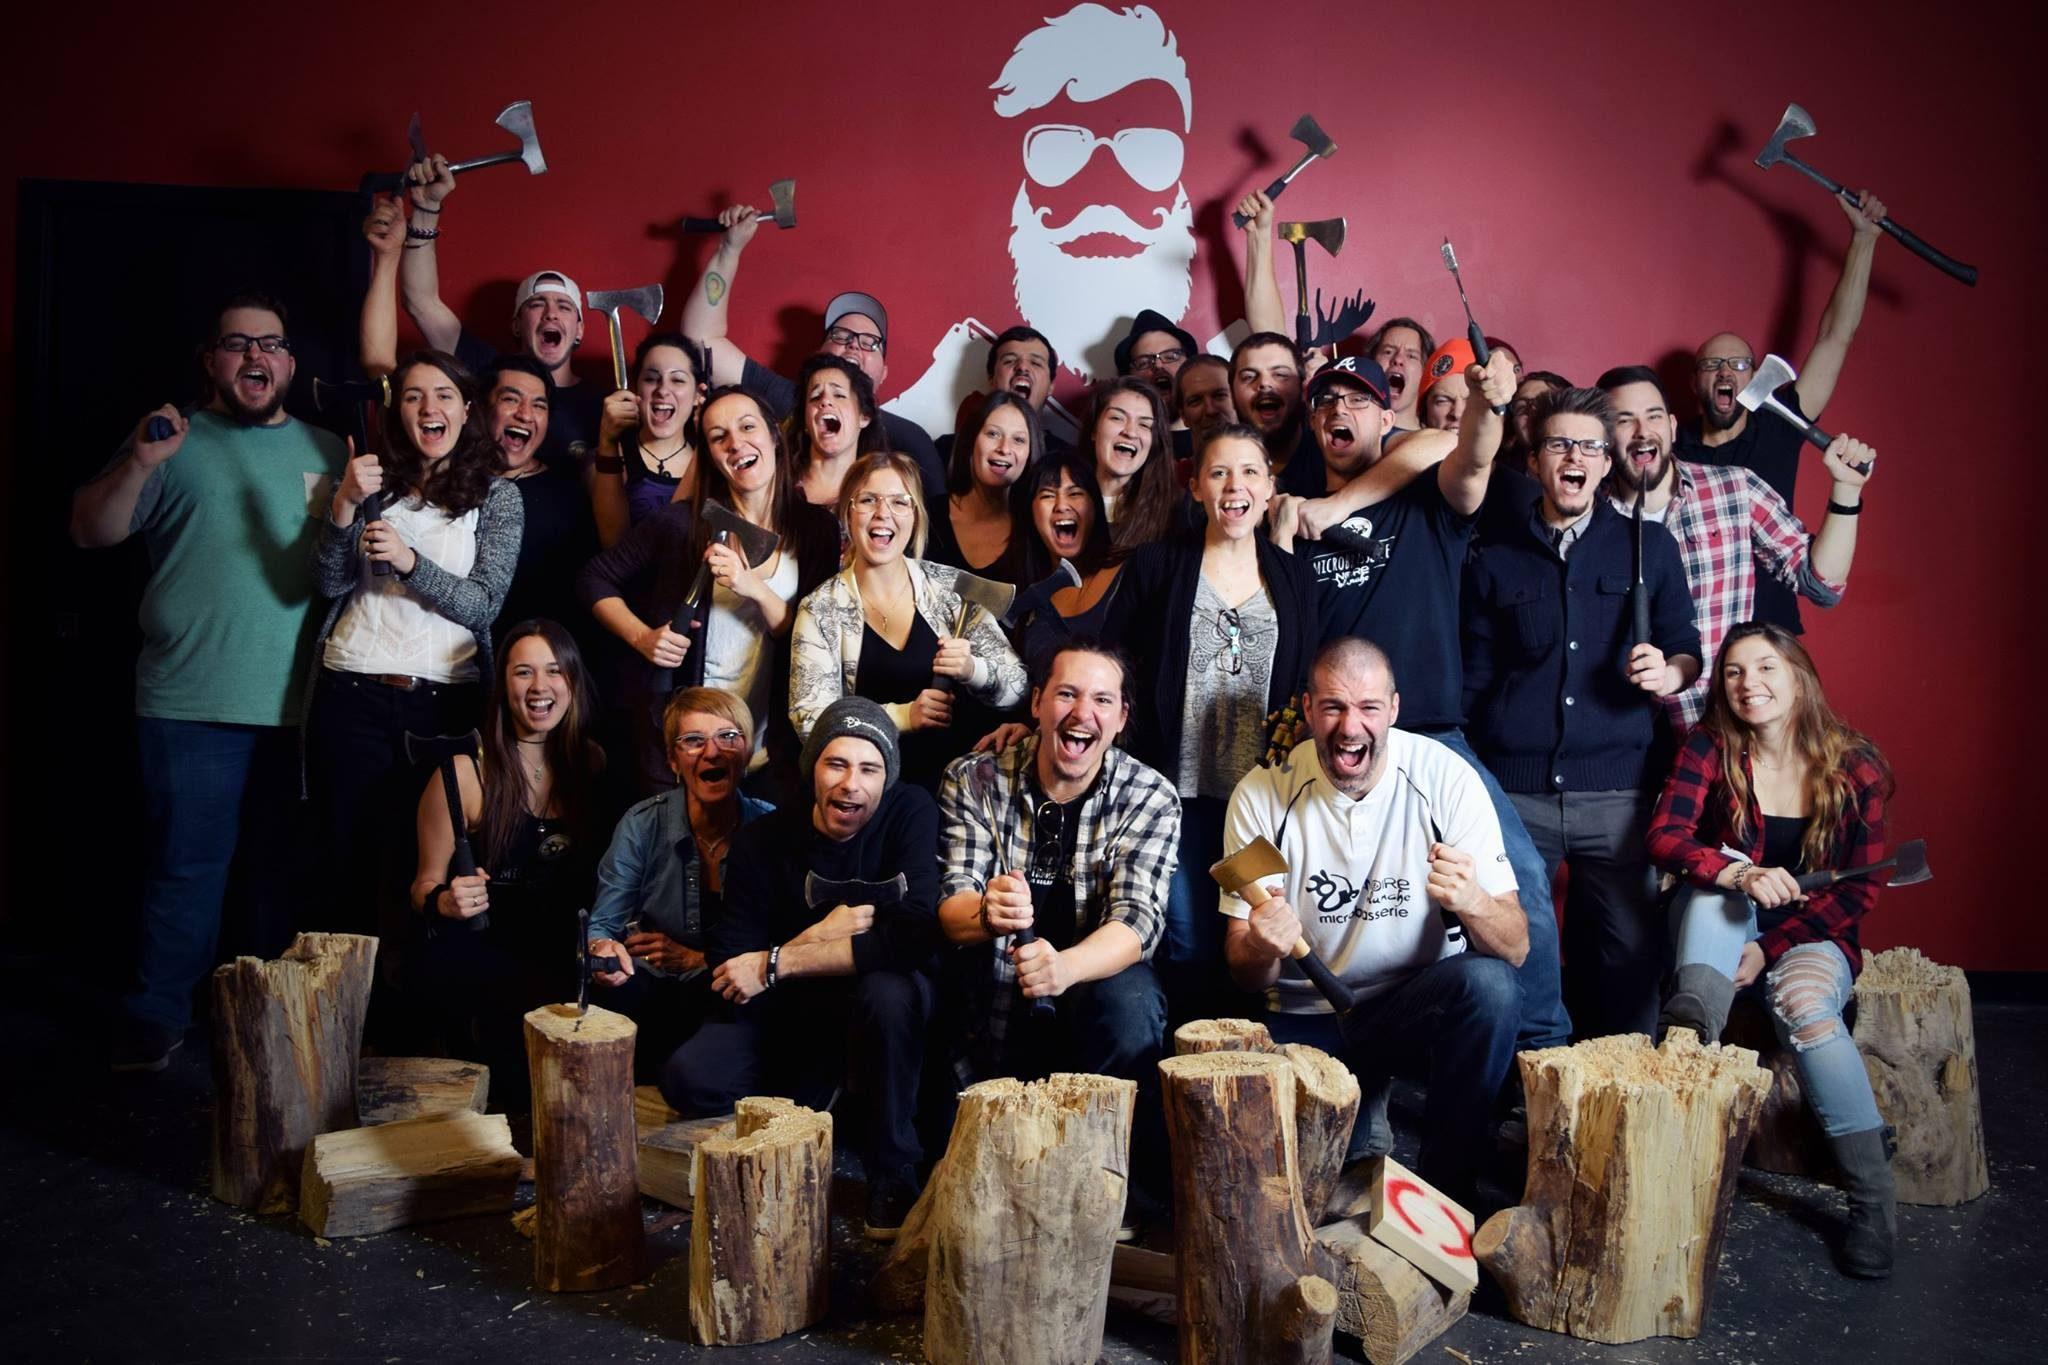 Microbrasserie-restaurant employer equipe